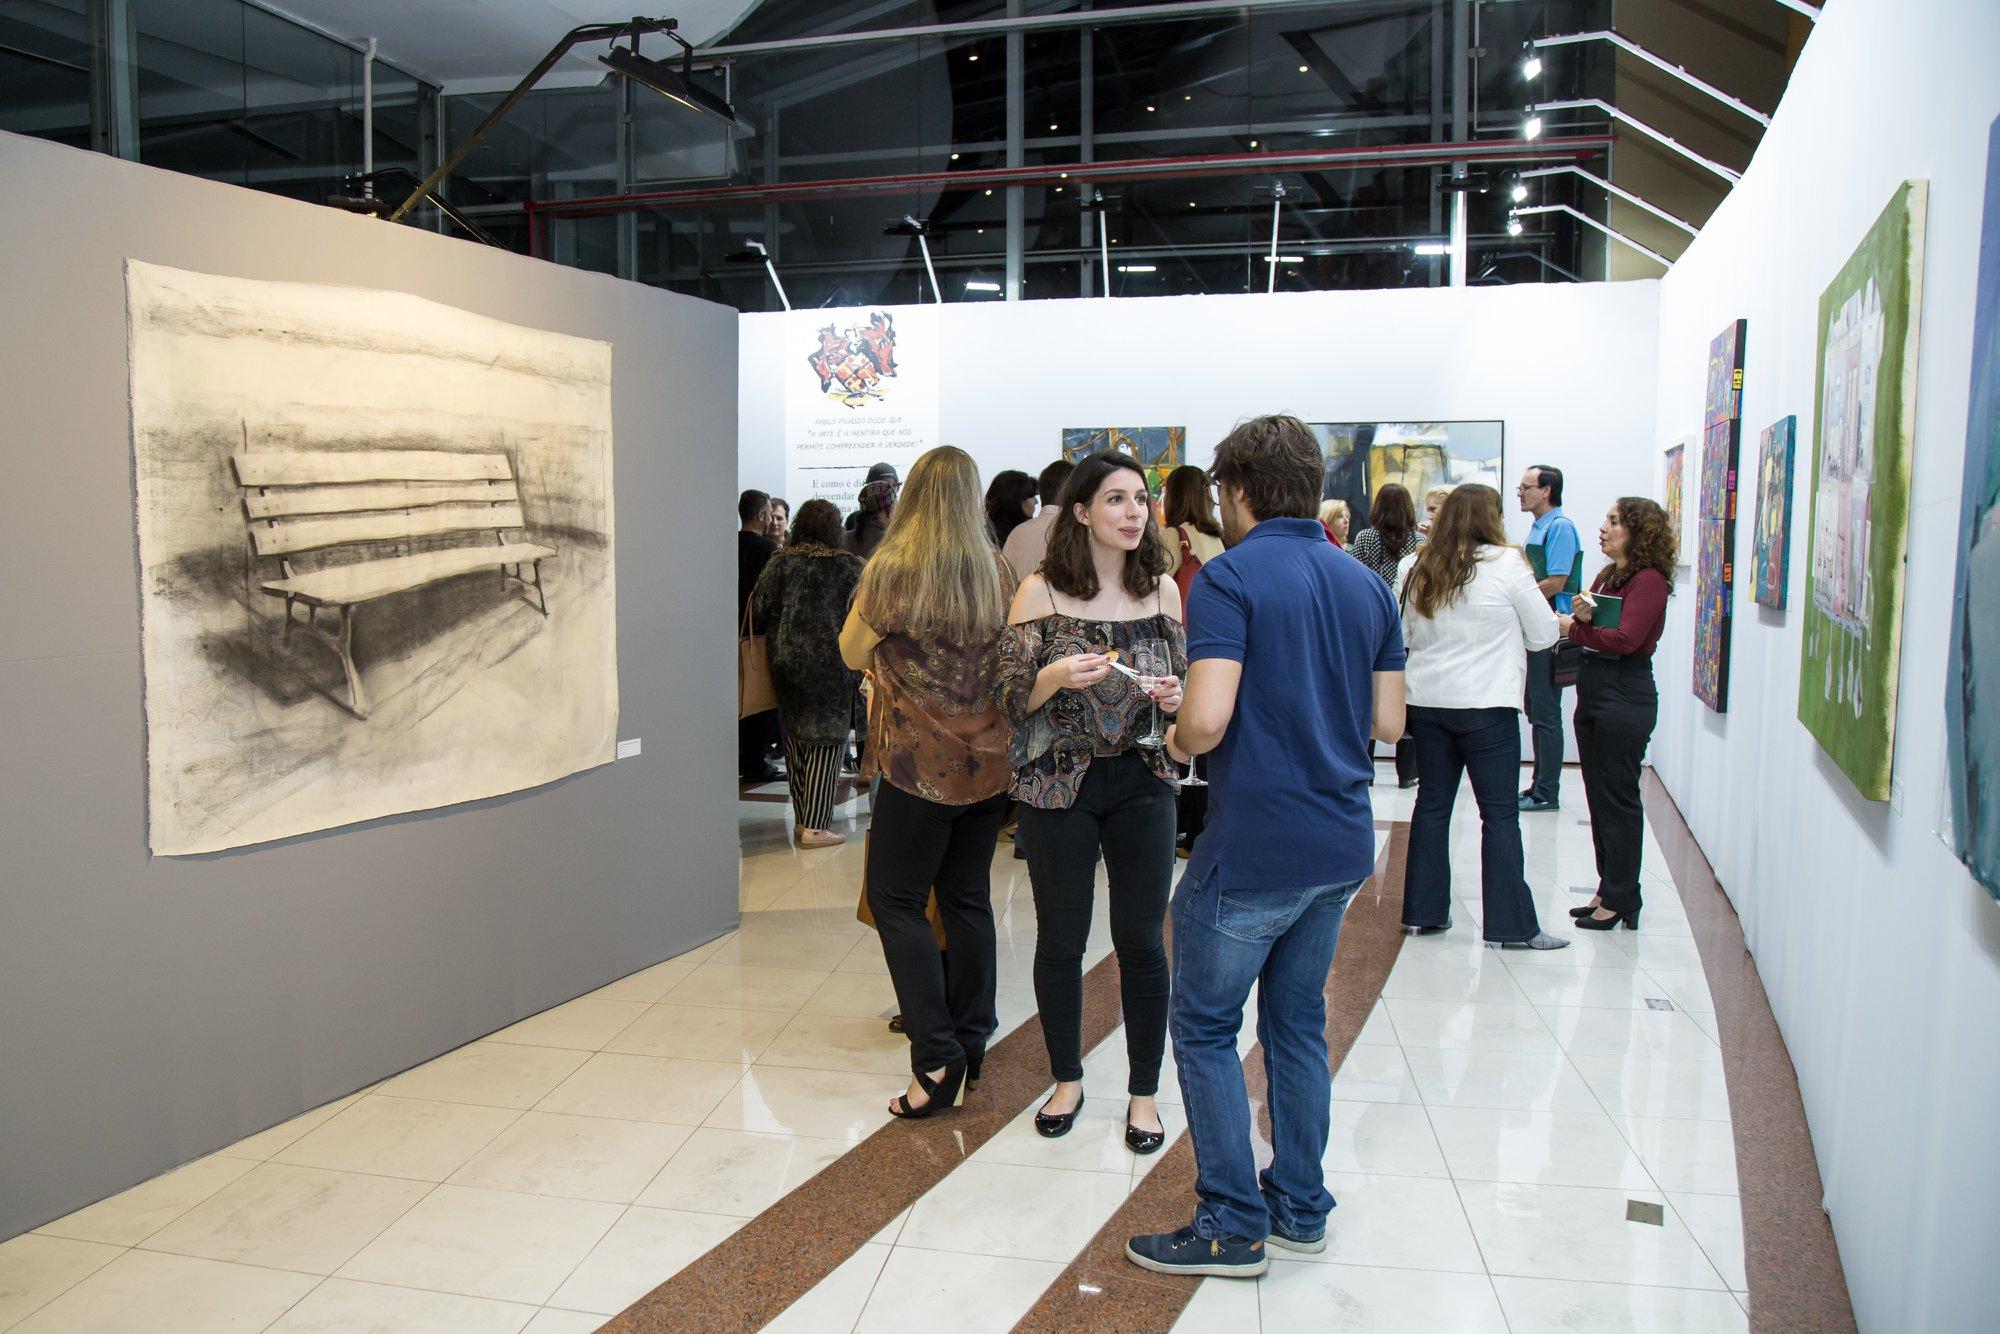 25º Salão Curitibano de Artes Visuais Arte Contemporânea